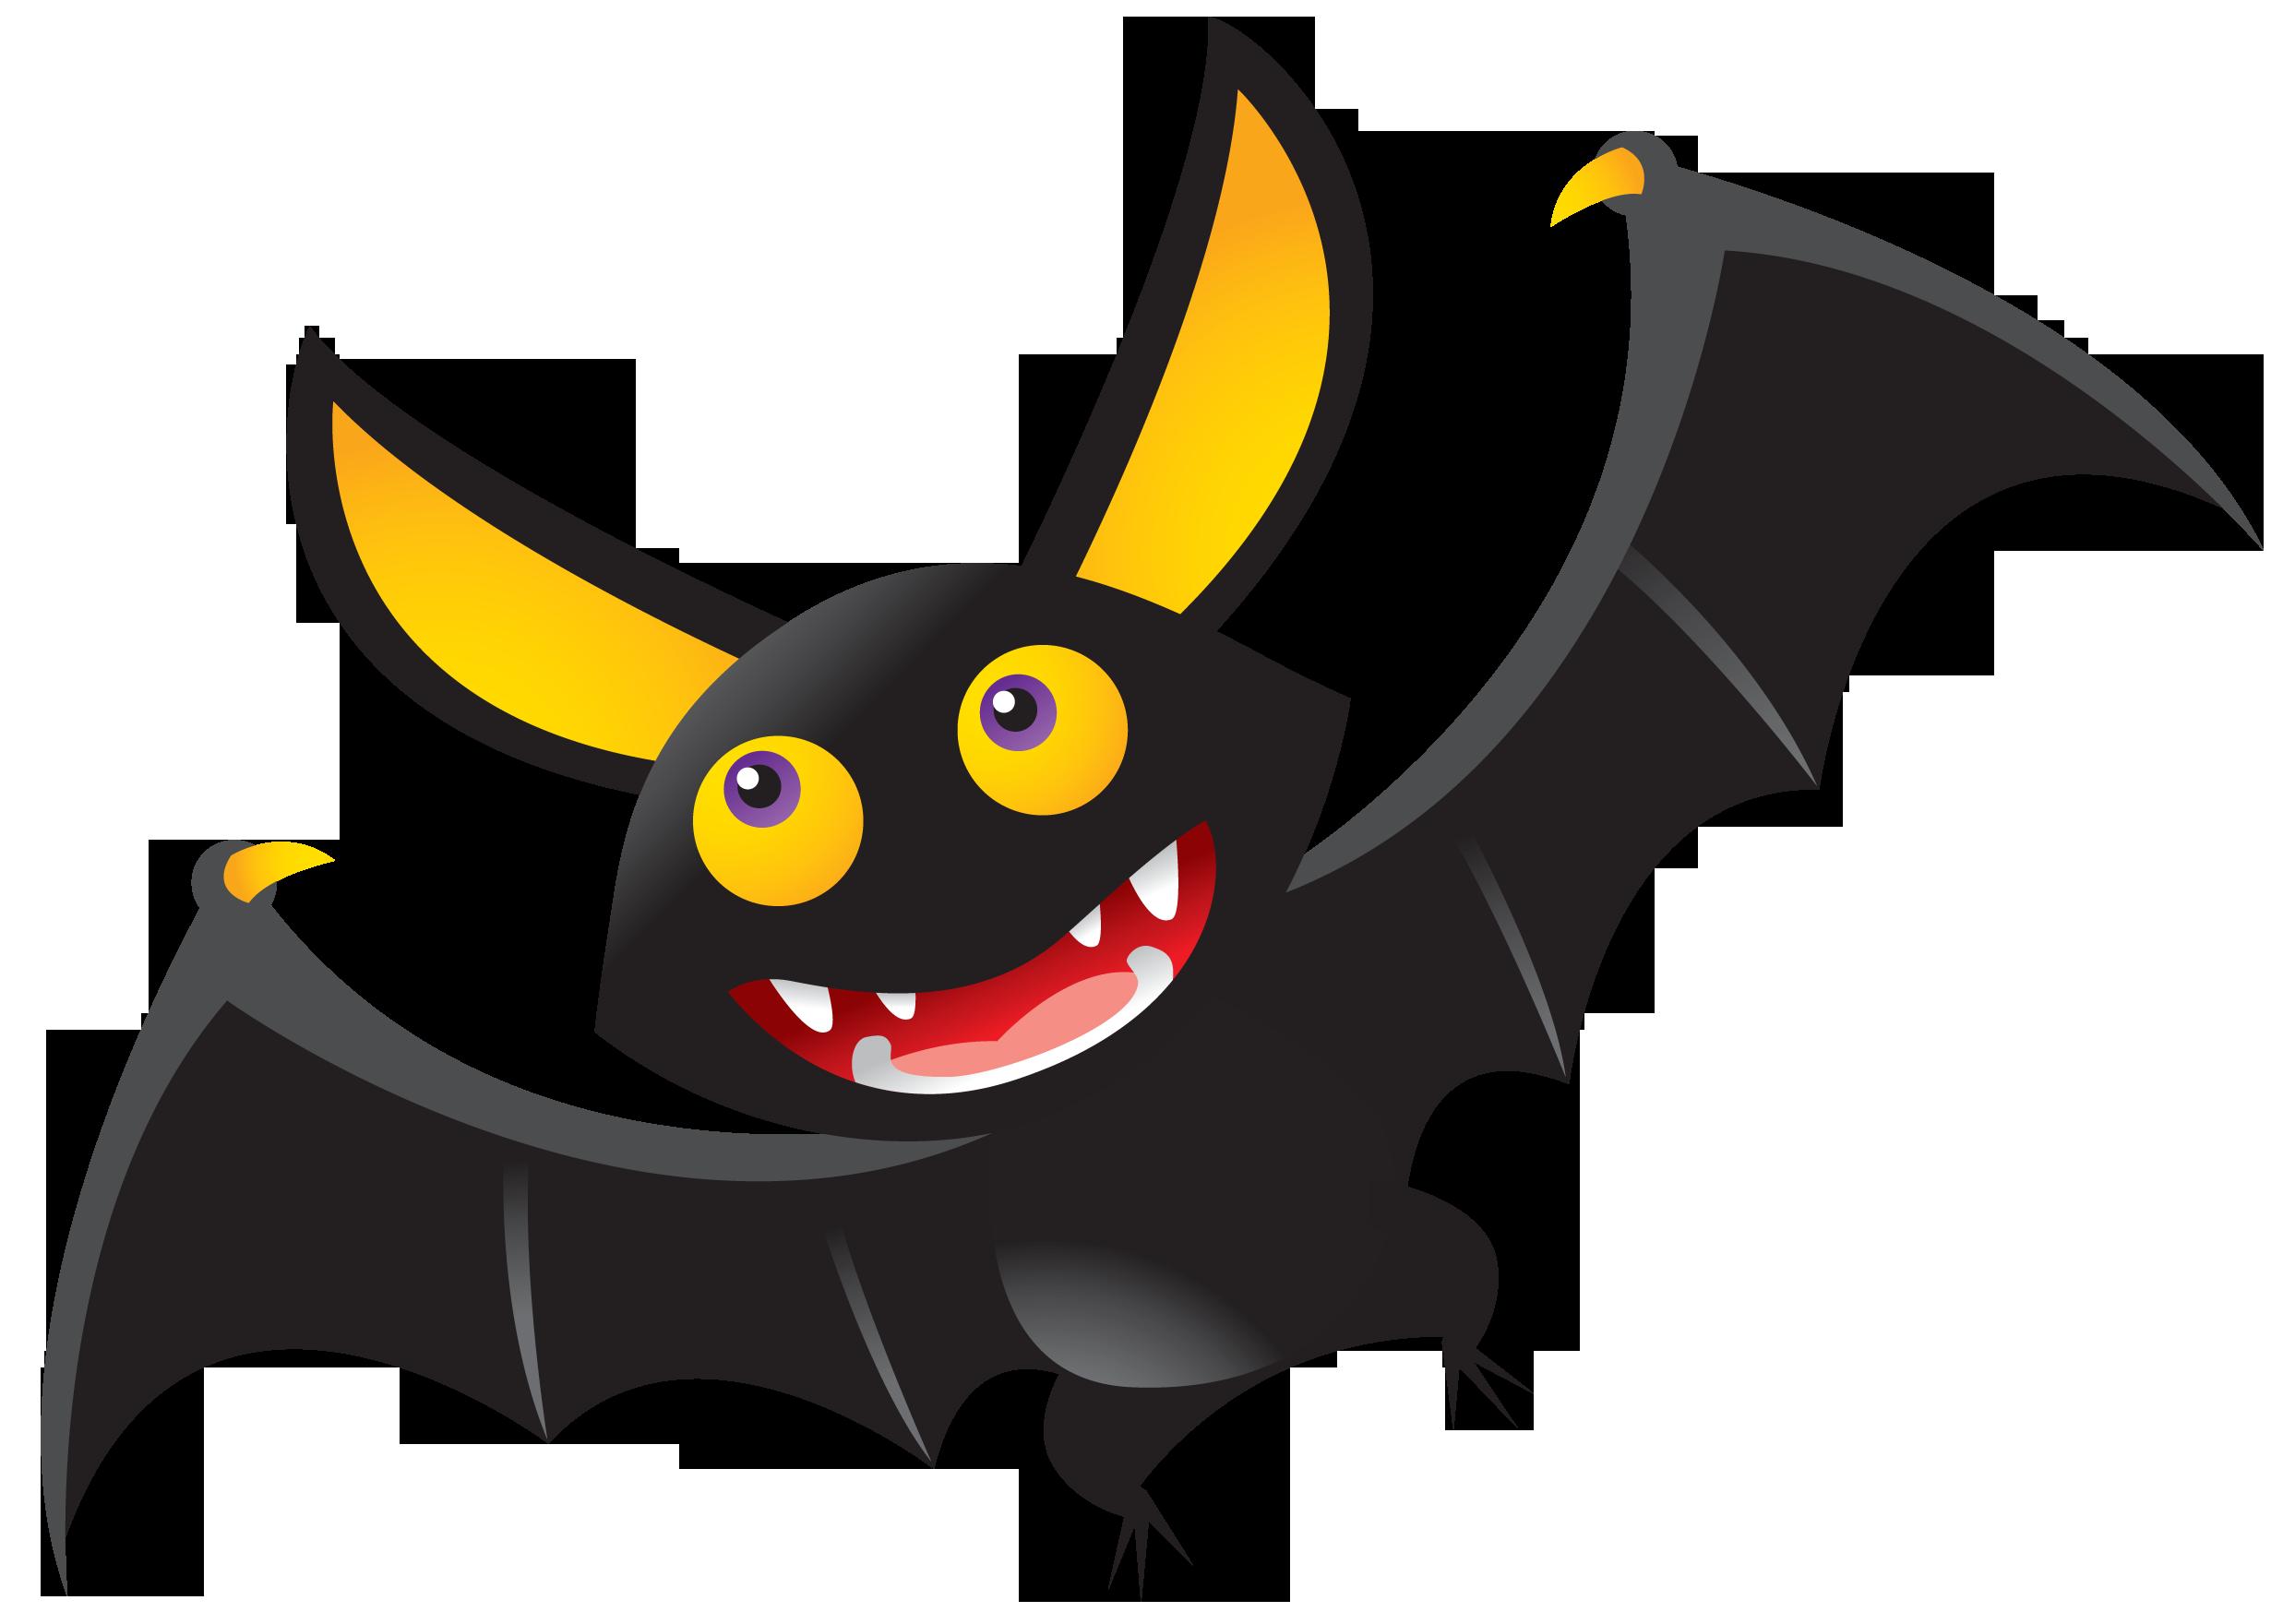 bat clipart - Batclip